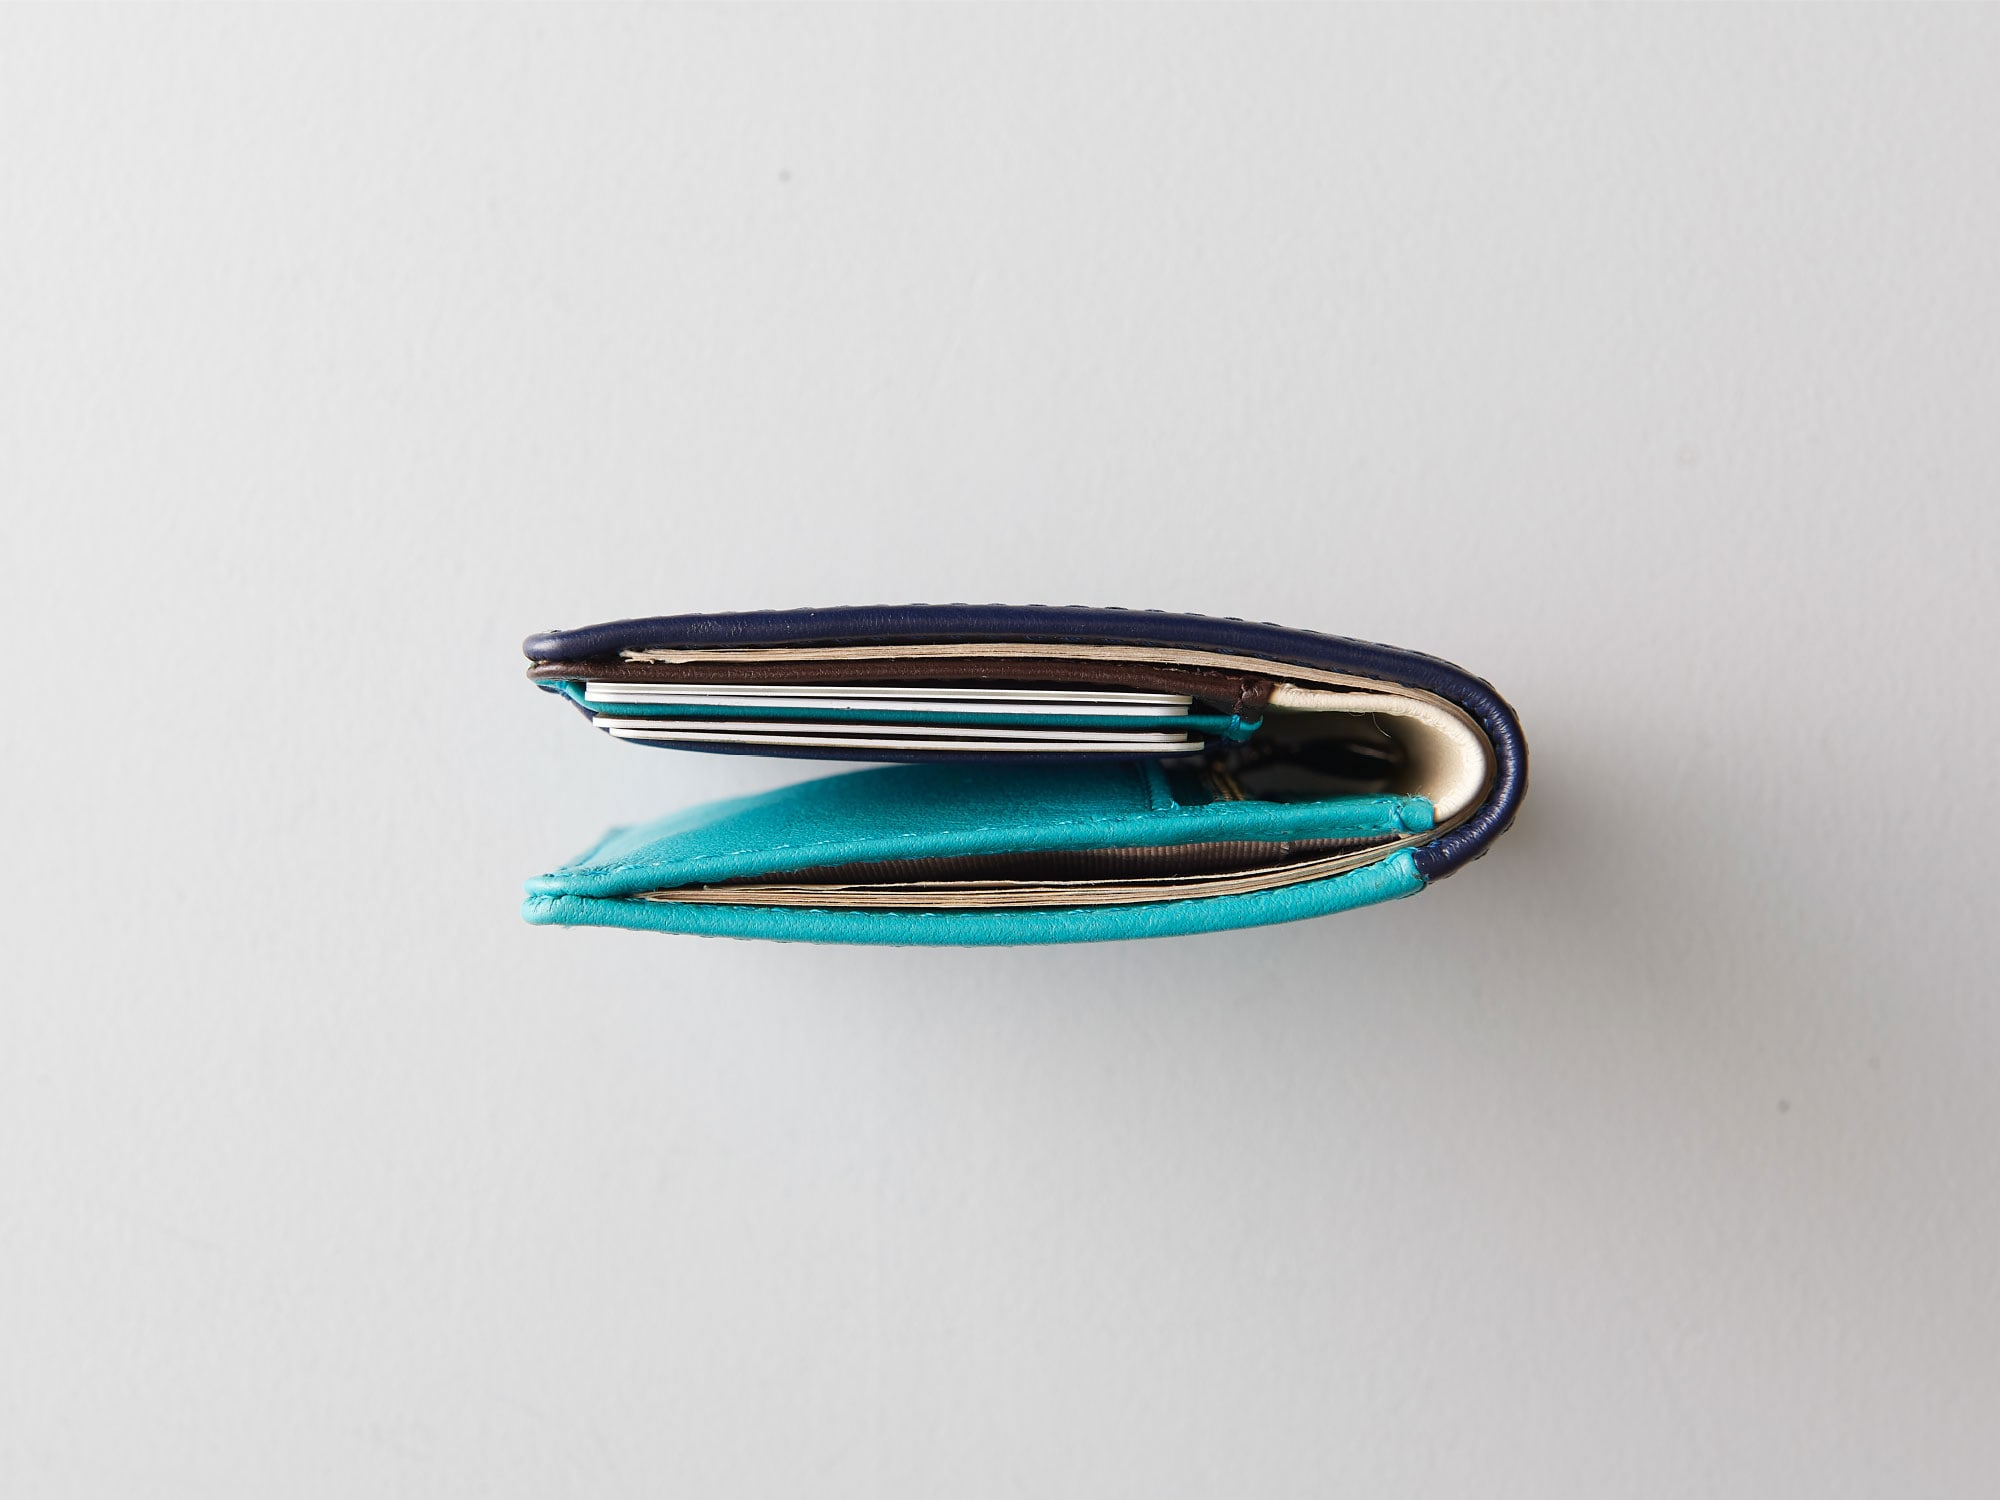 新商品「二つ折りミニ財布」究極の薄さを実現したミニウォレット発売 image04